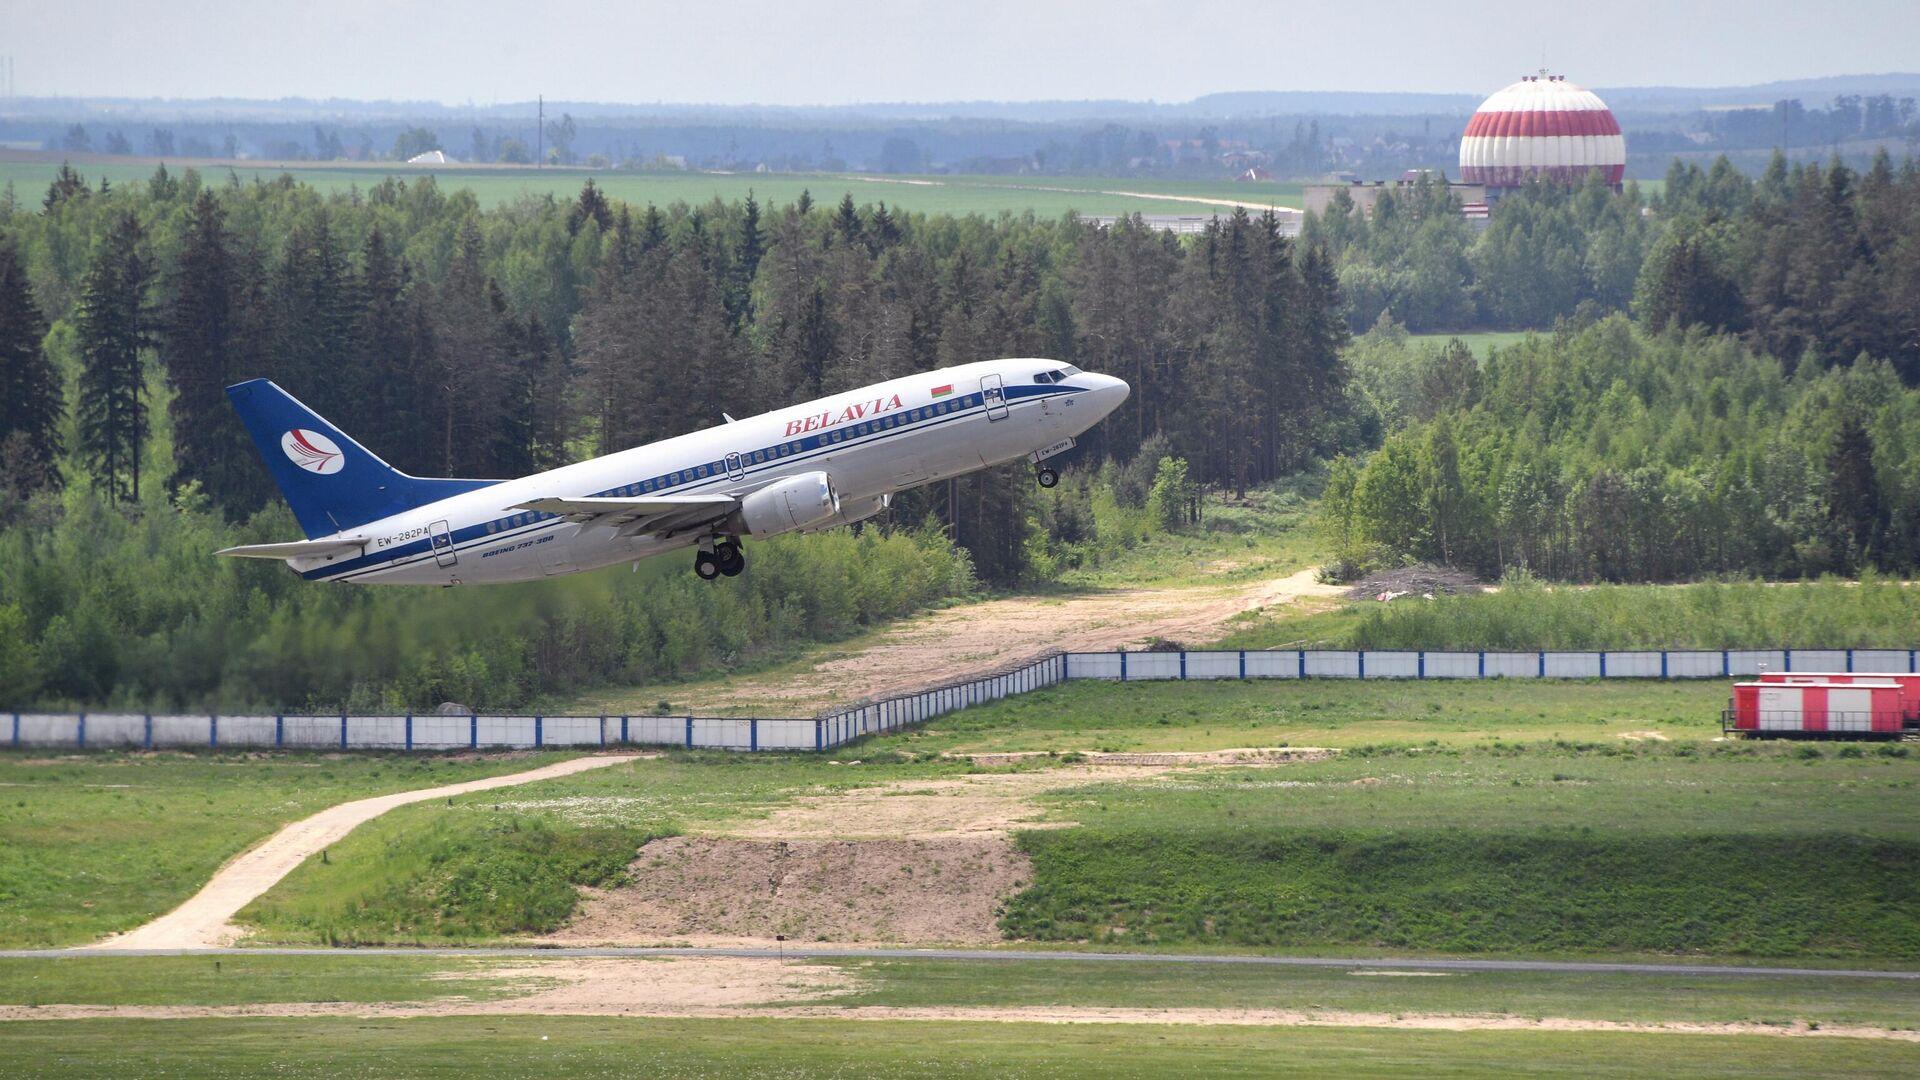 """1742887572 0:98:3072:1826 1920x0 80 0 0 c47839a315cba8cde47de5e4122dff17 - Белорусская авиакомпания """"Белавиа"""" удвоит число рейсов в РФ — с 34 до 75 в неделю"""